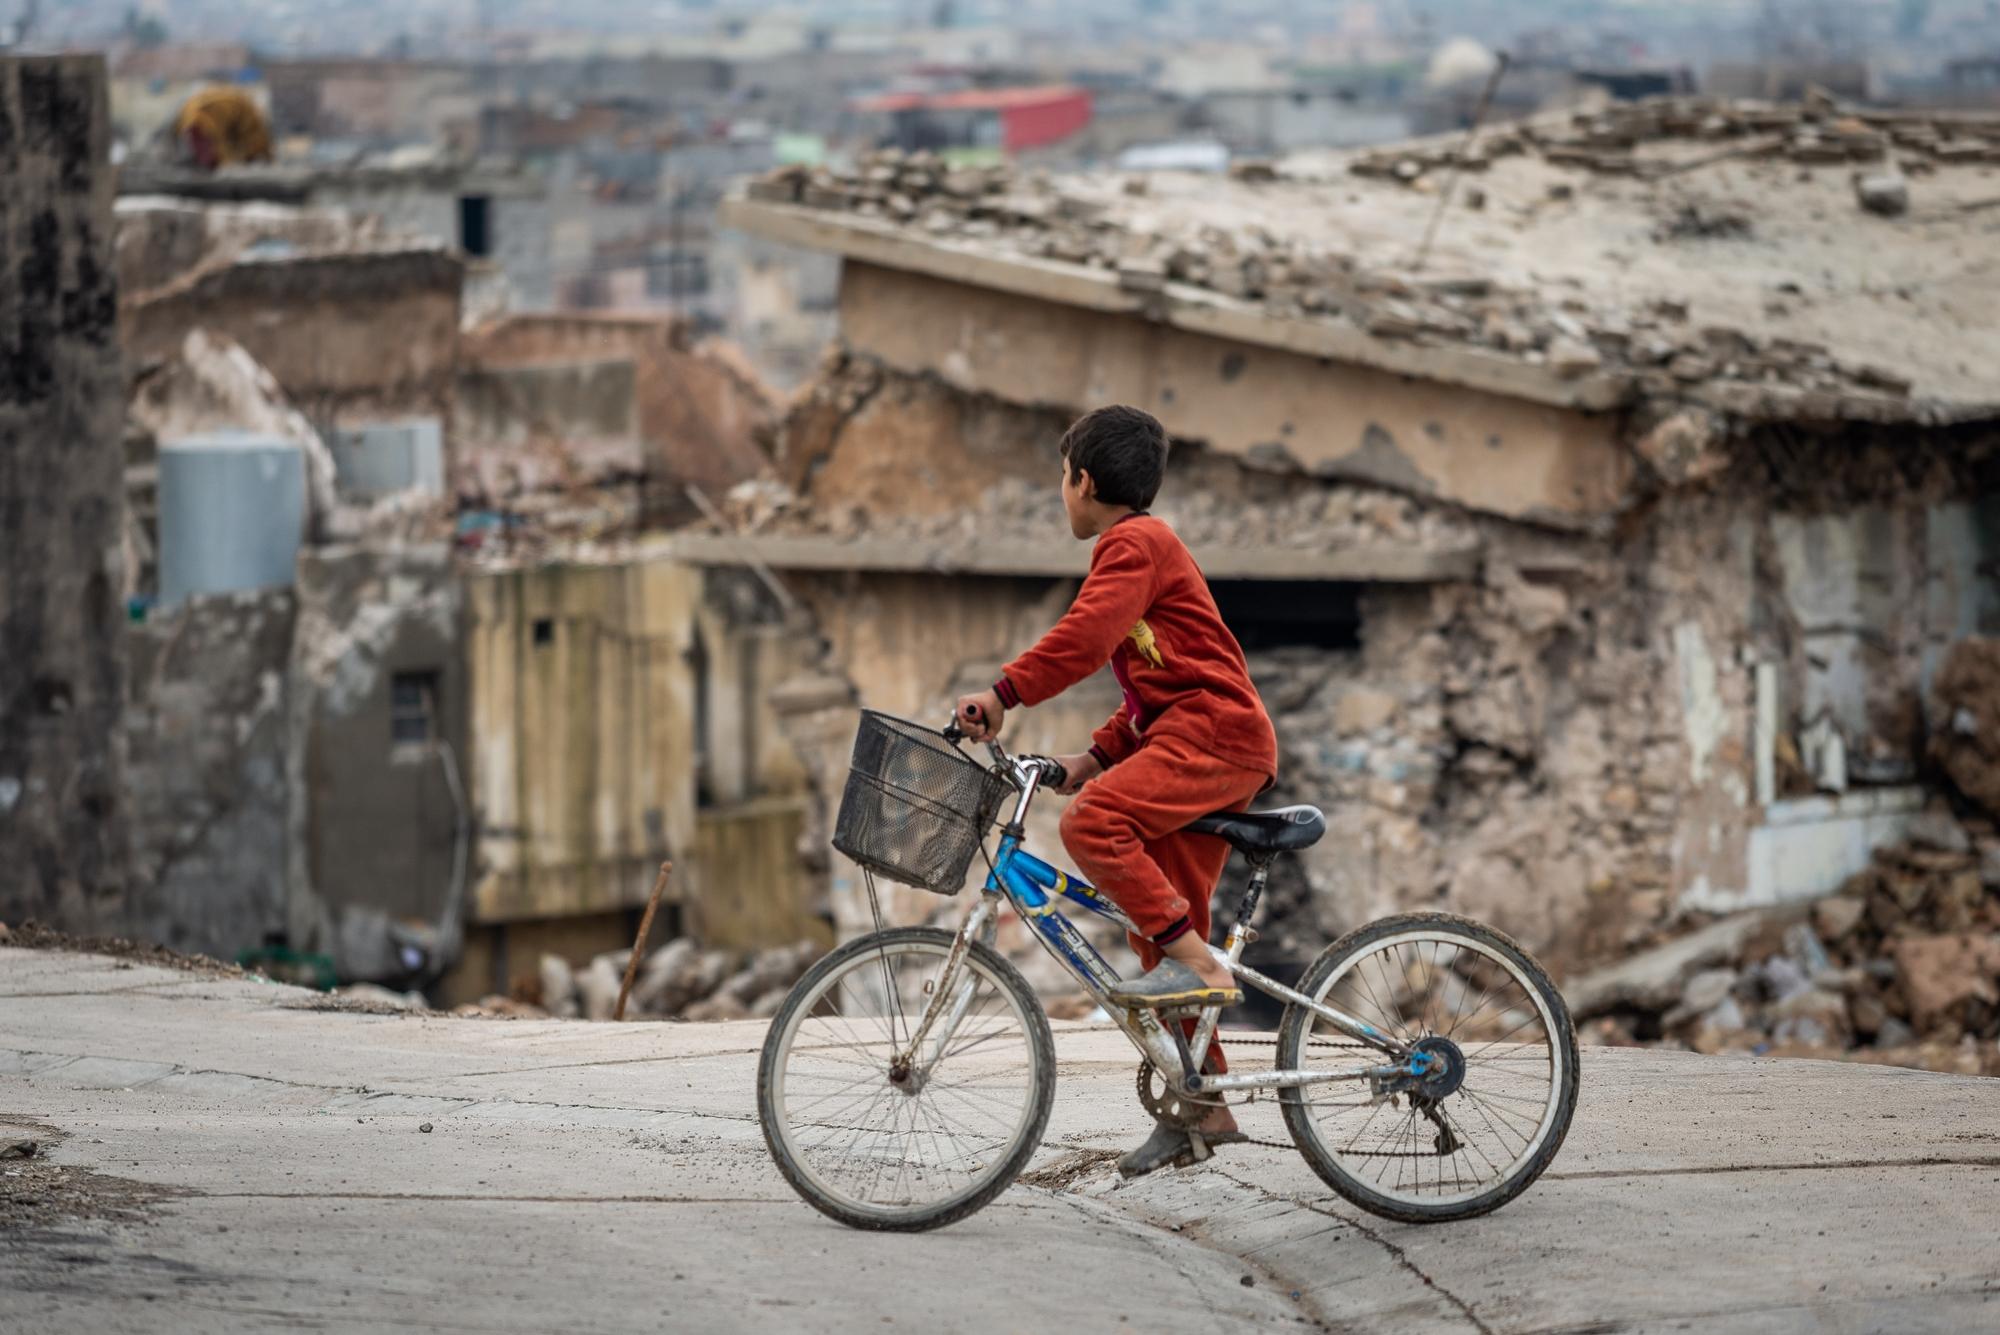 Raport internațional: Trei din patru copii care sunt uciși și răniți grav în lume sunt victimele armelor explozibile